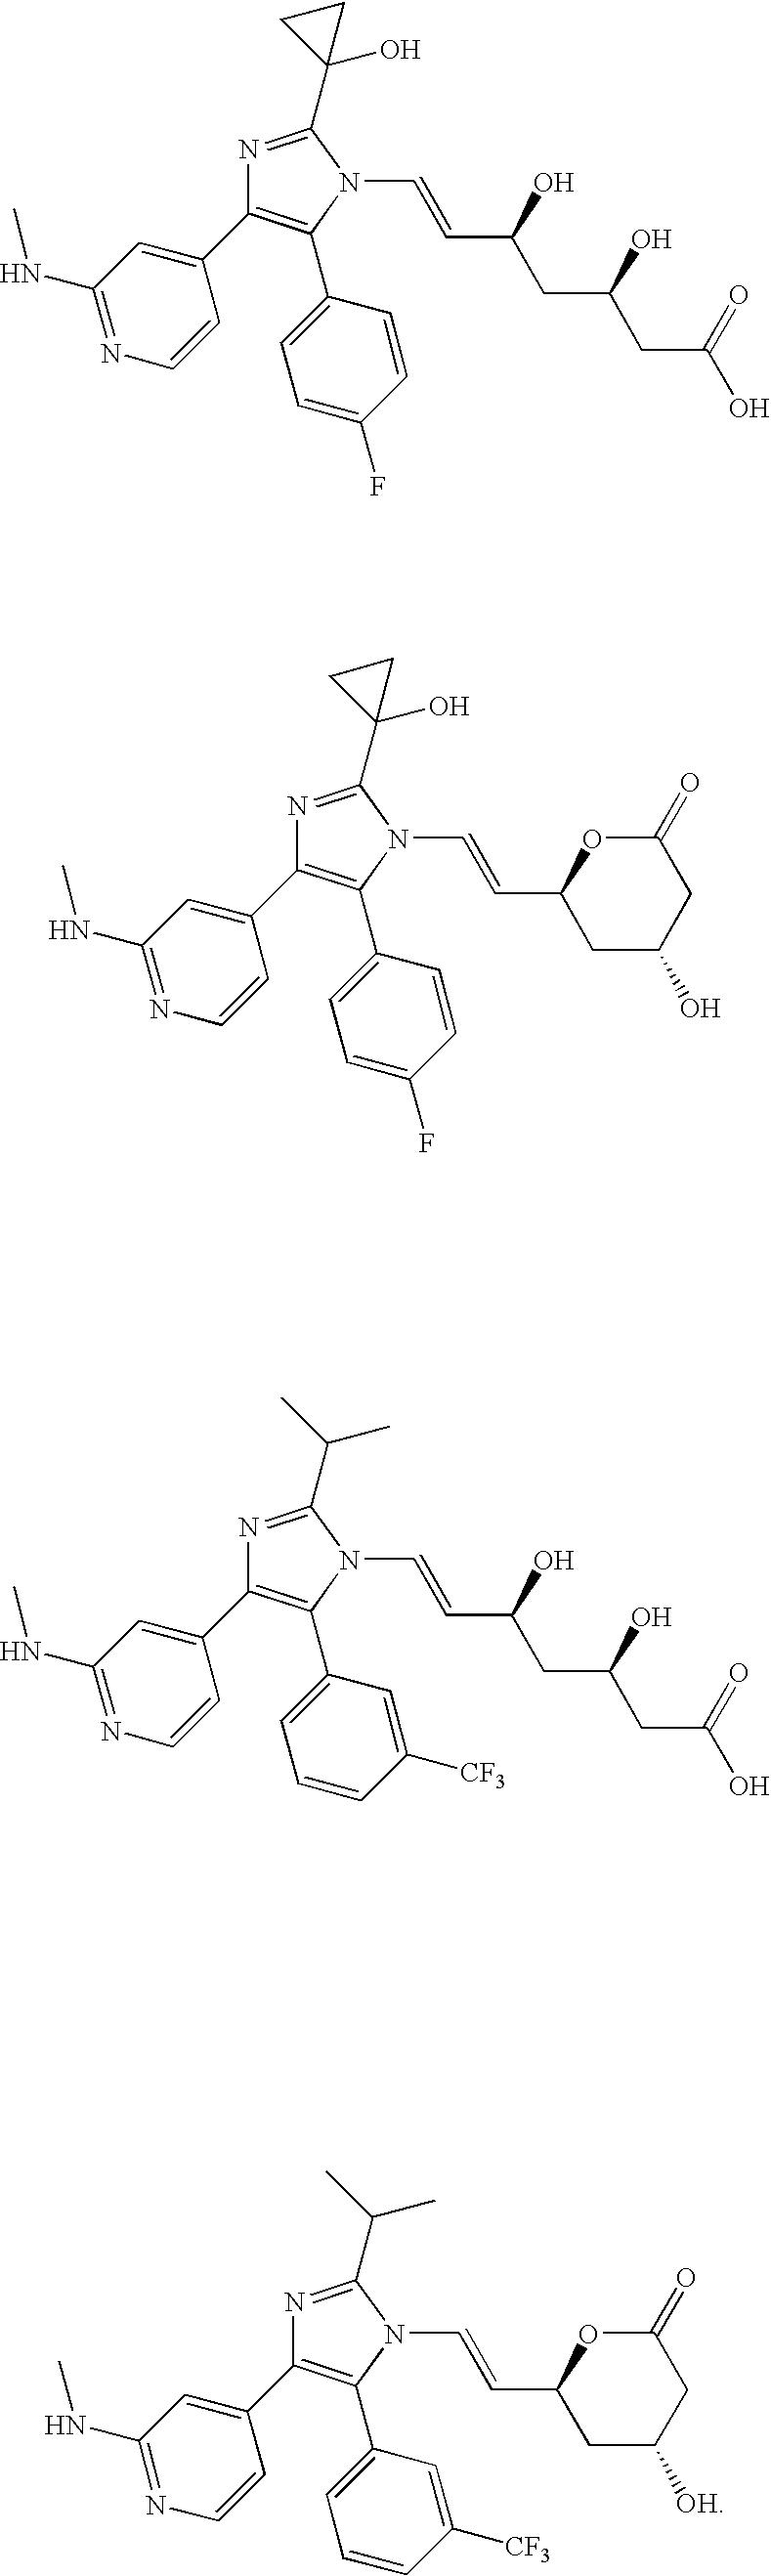 Figure US20050261354A1-20051124-C00072